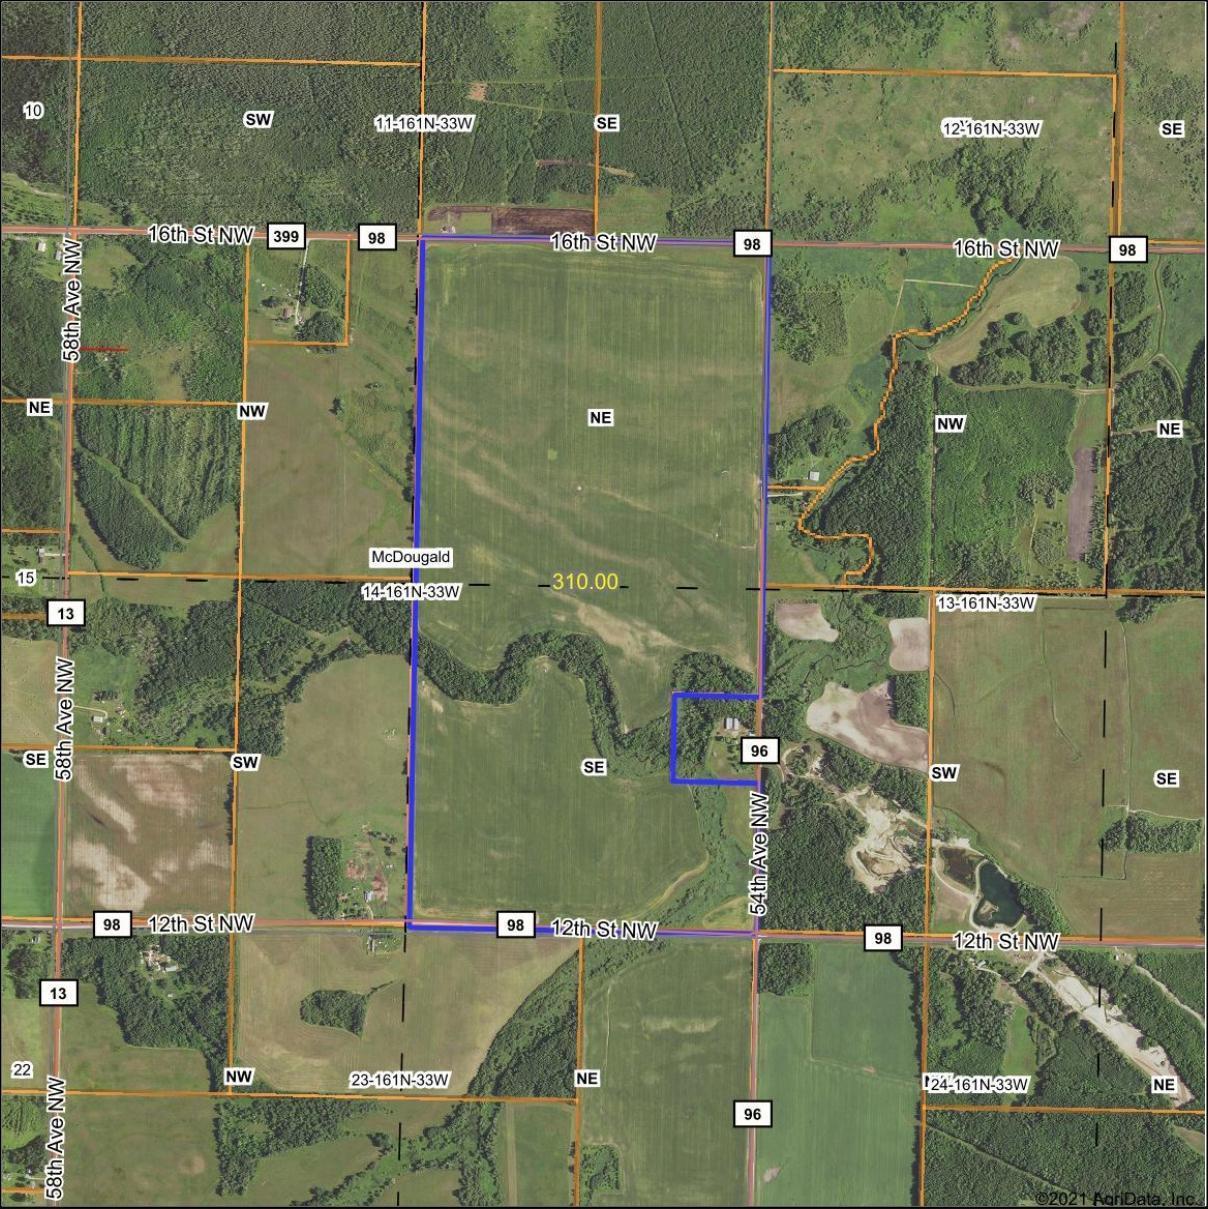 TBD County Road 96 - Baudette, Baudette, MN 56623